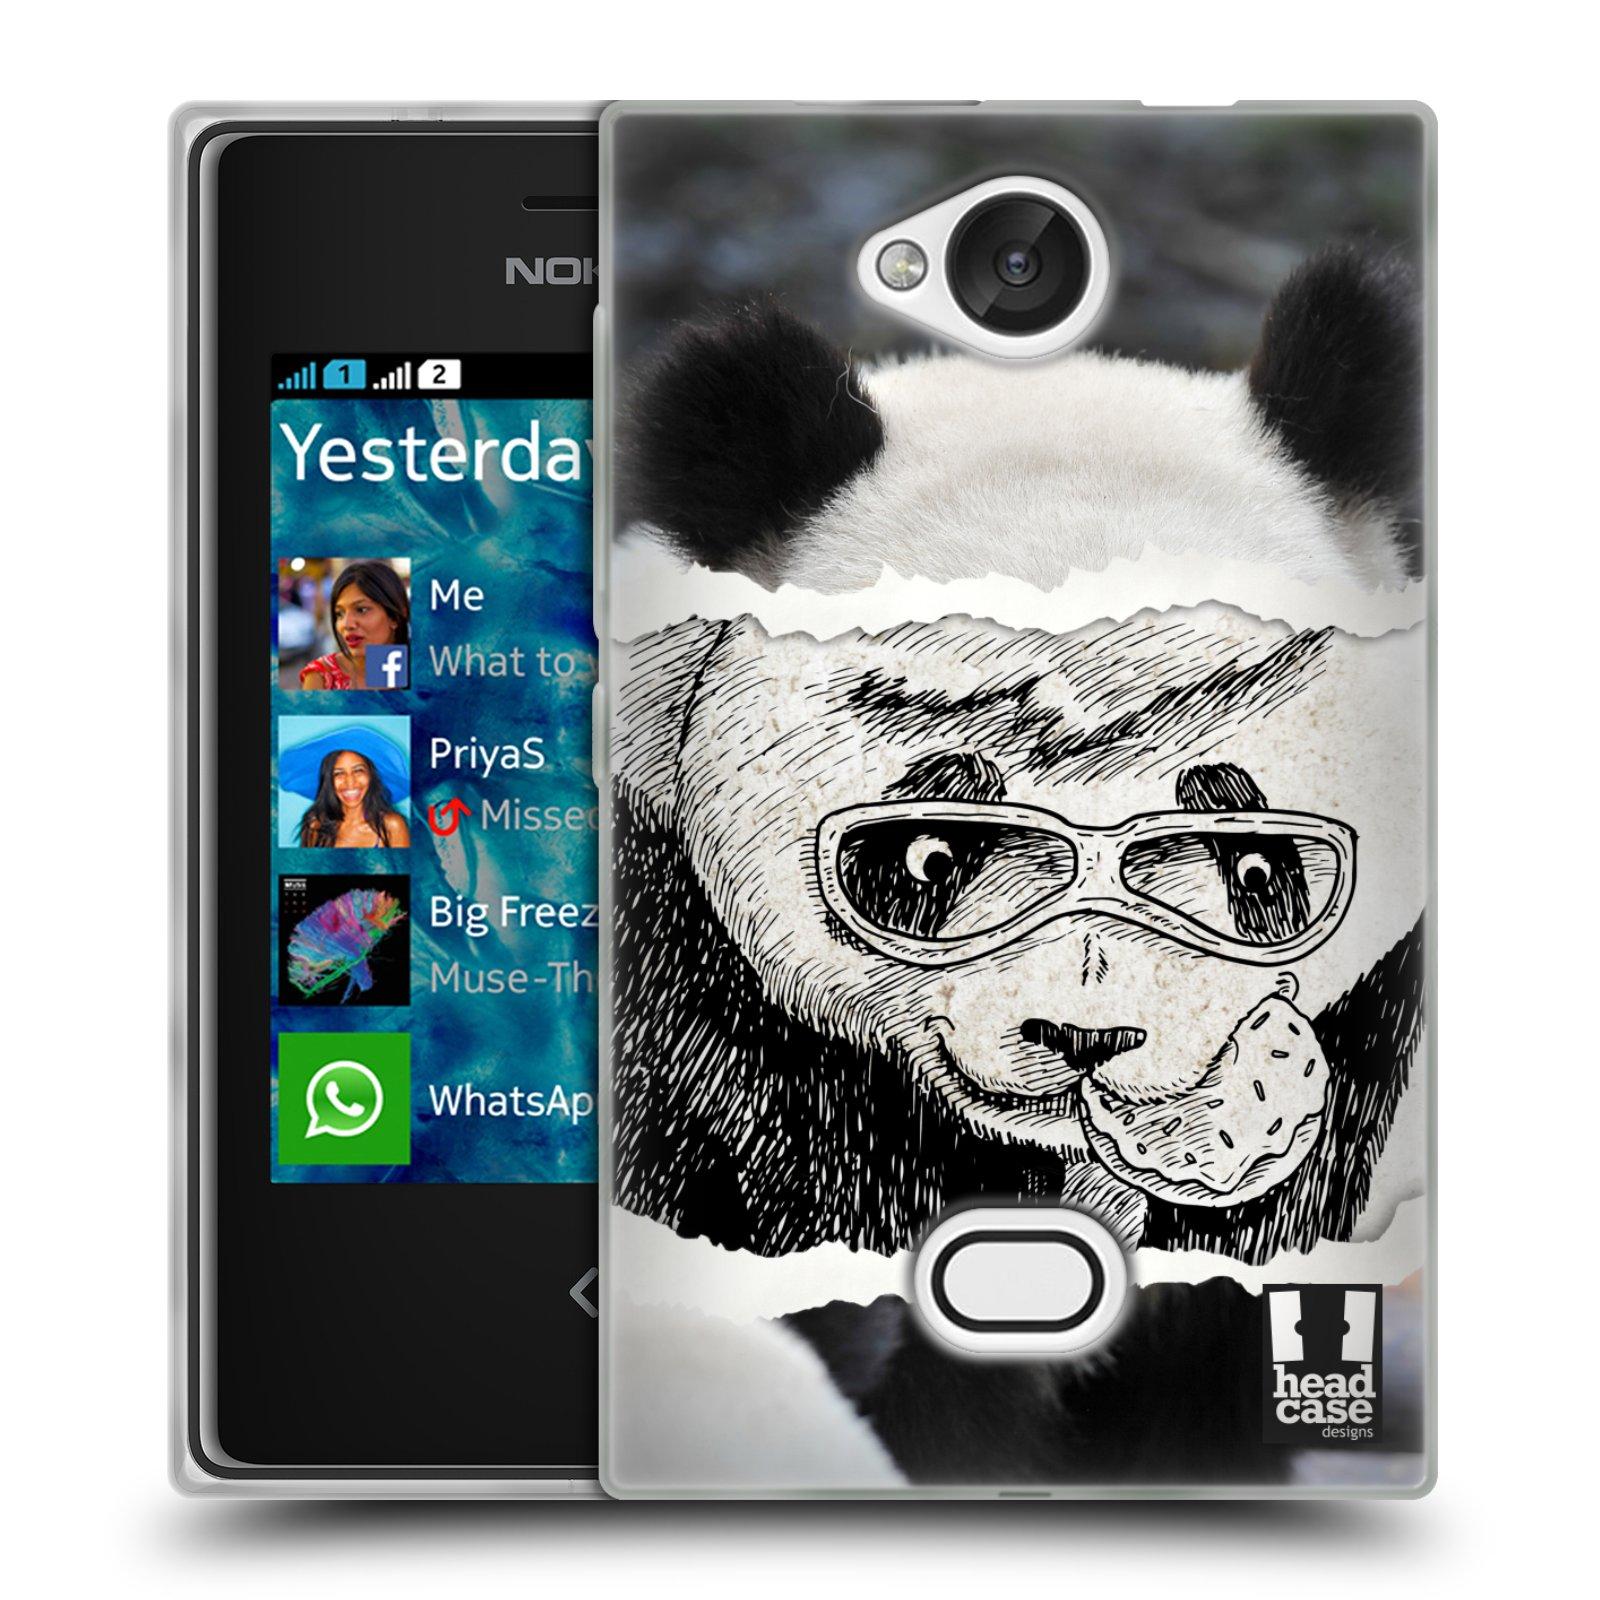 HEAD CASE silikonový obal na mobil NOKIA Asha 503 vzor zvířata koláž roztomilá panda